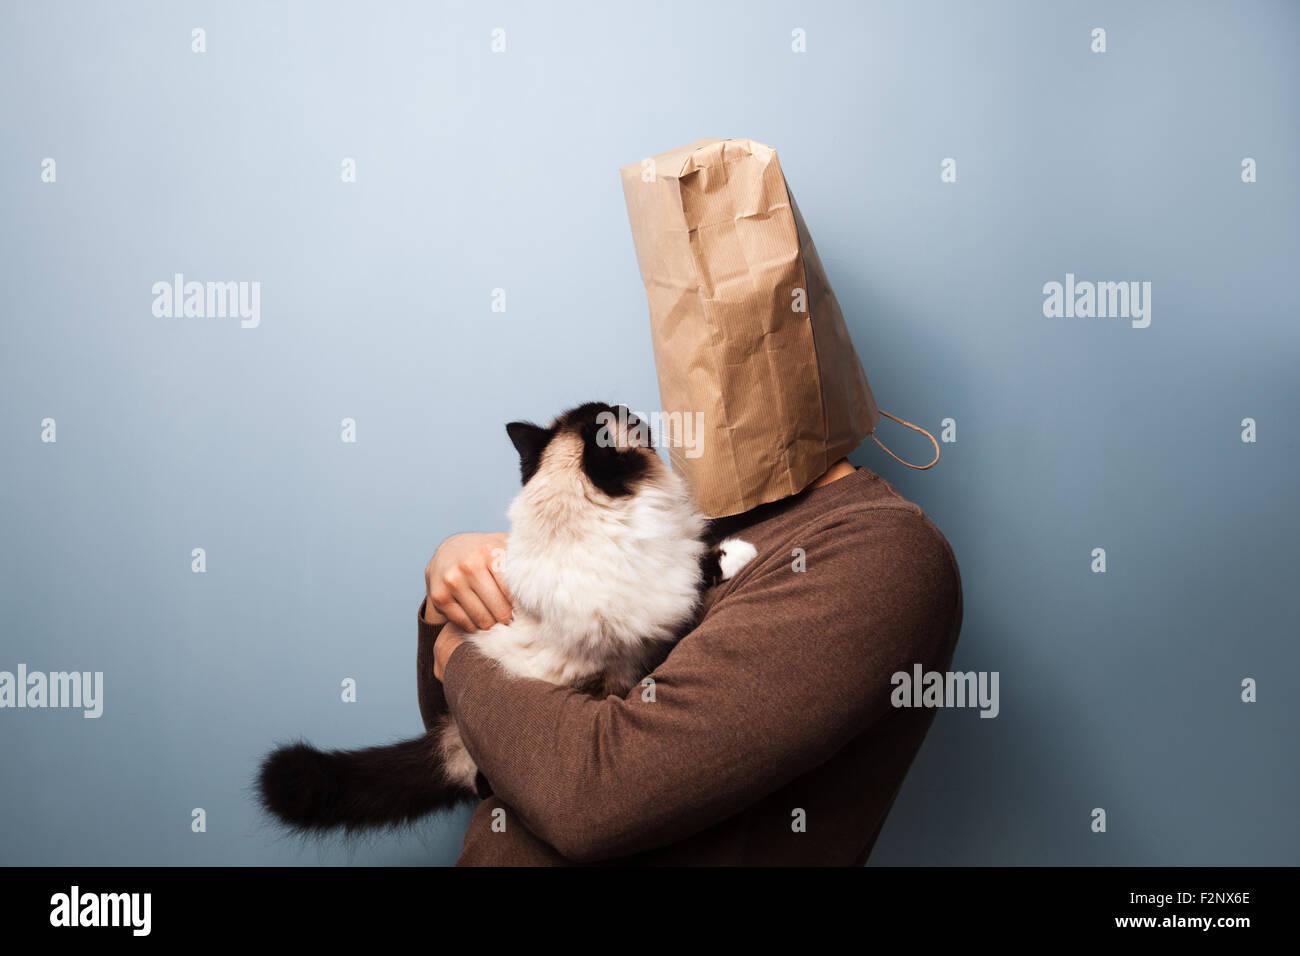 Un hombre con una bolsa de papel sobre su cabeza es la celebración de una confusa cat. Foto de stock